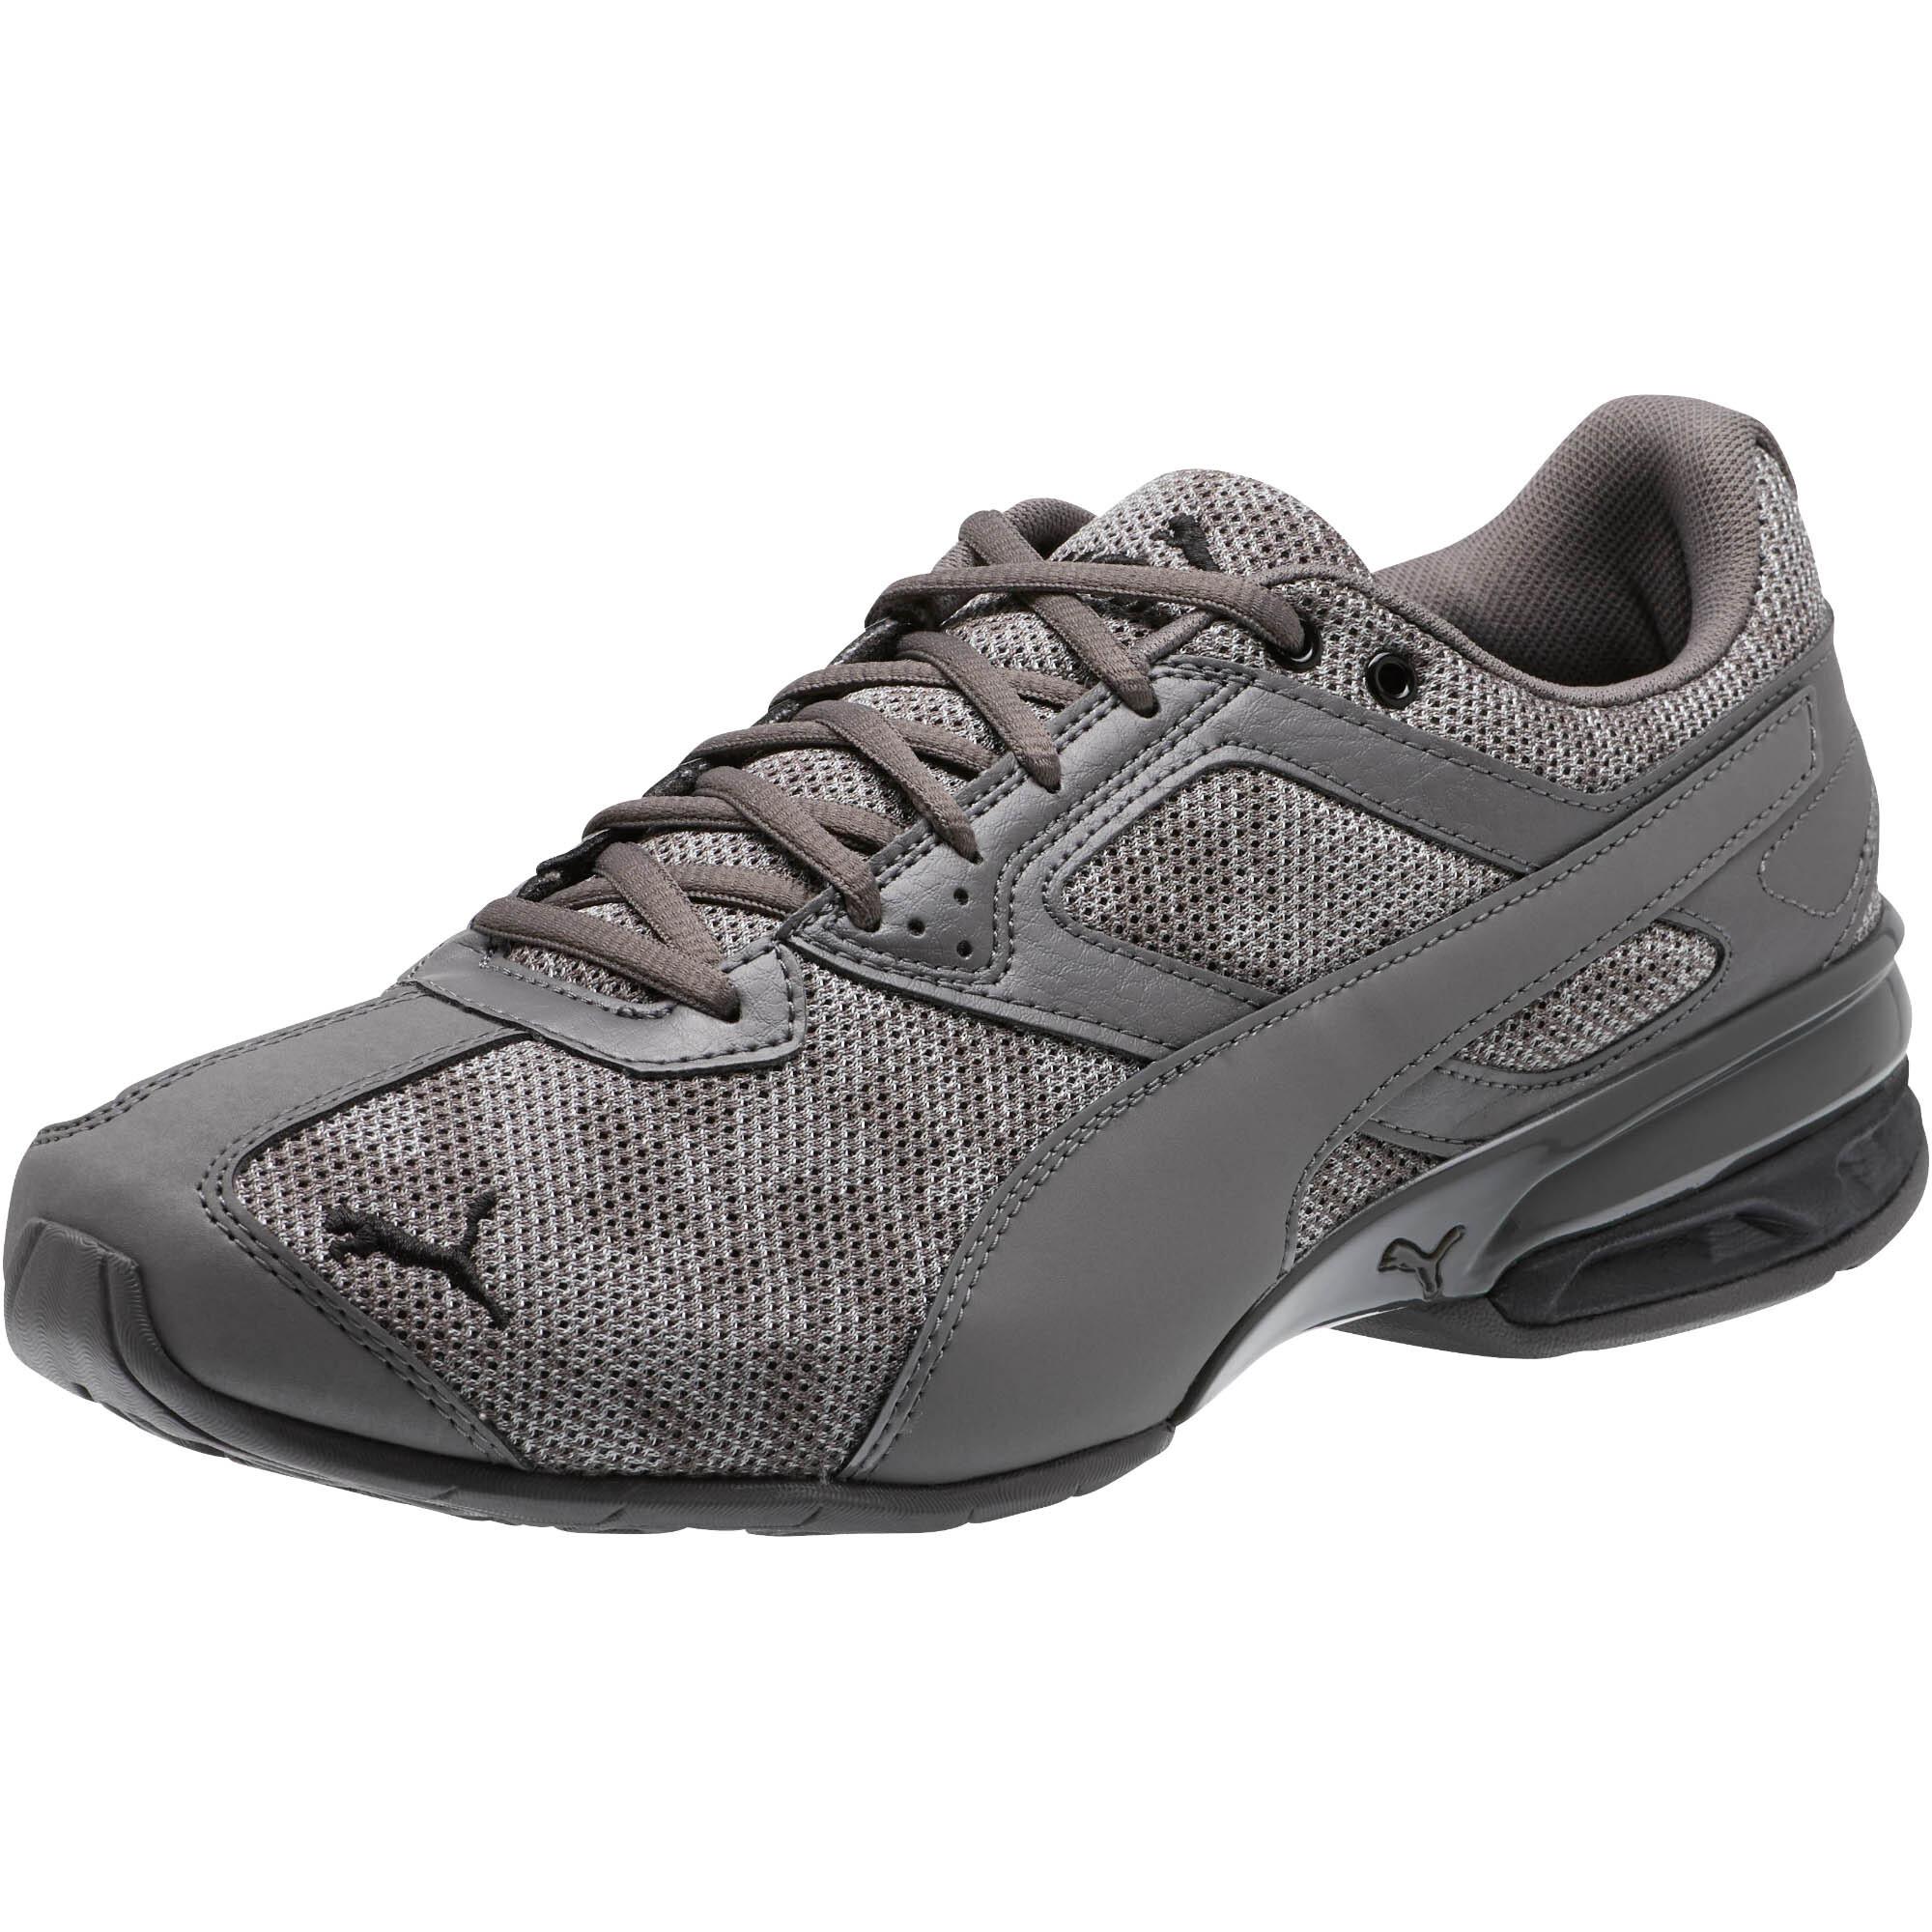 Puma-Tazon-6-Camo-Mesh-Scarpe-da-ginnastica-Uomo-scarpa-in-esecuzione miniatura 9